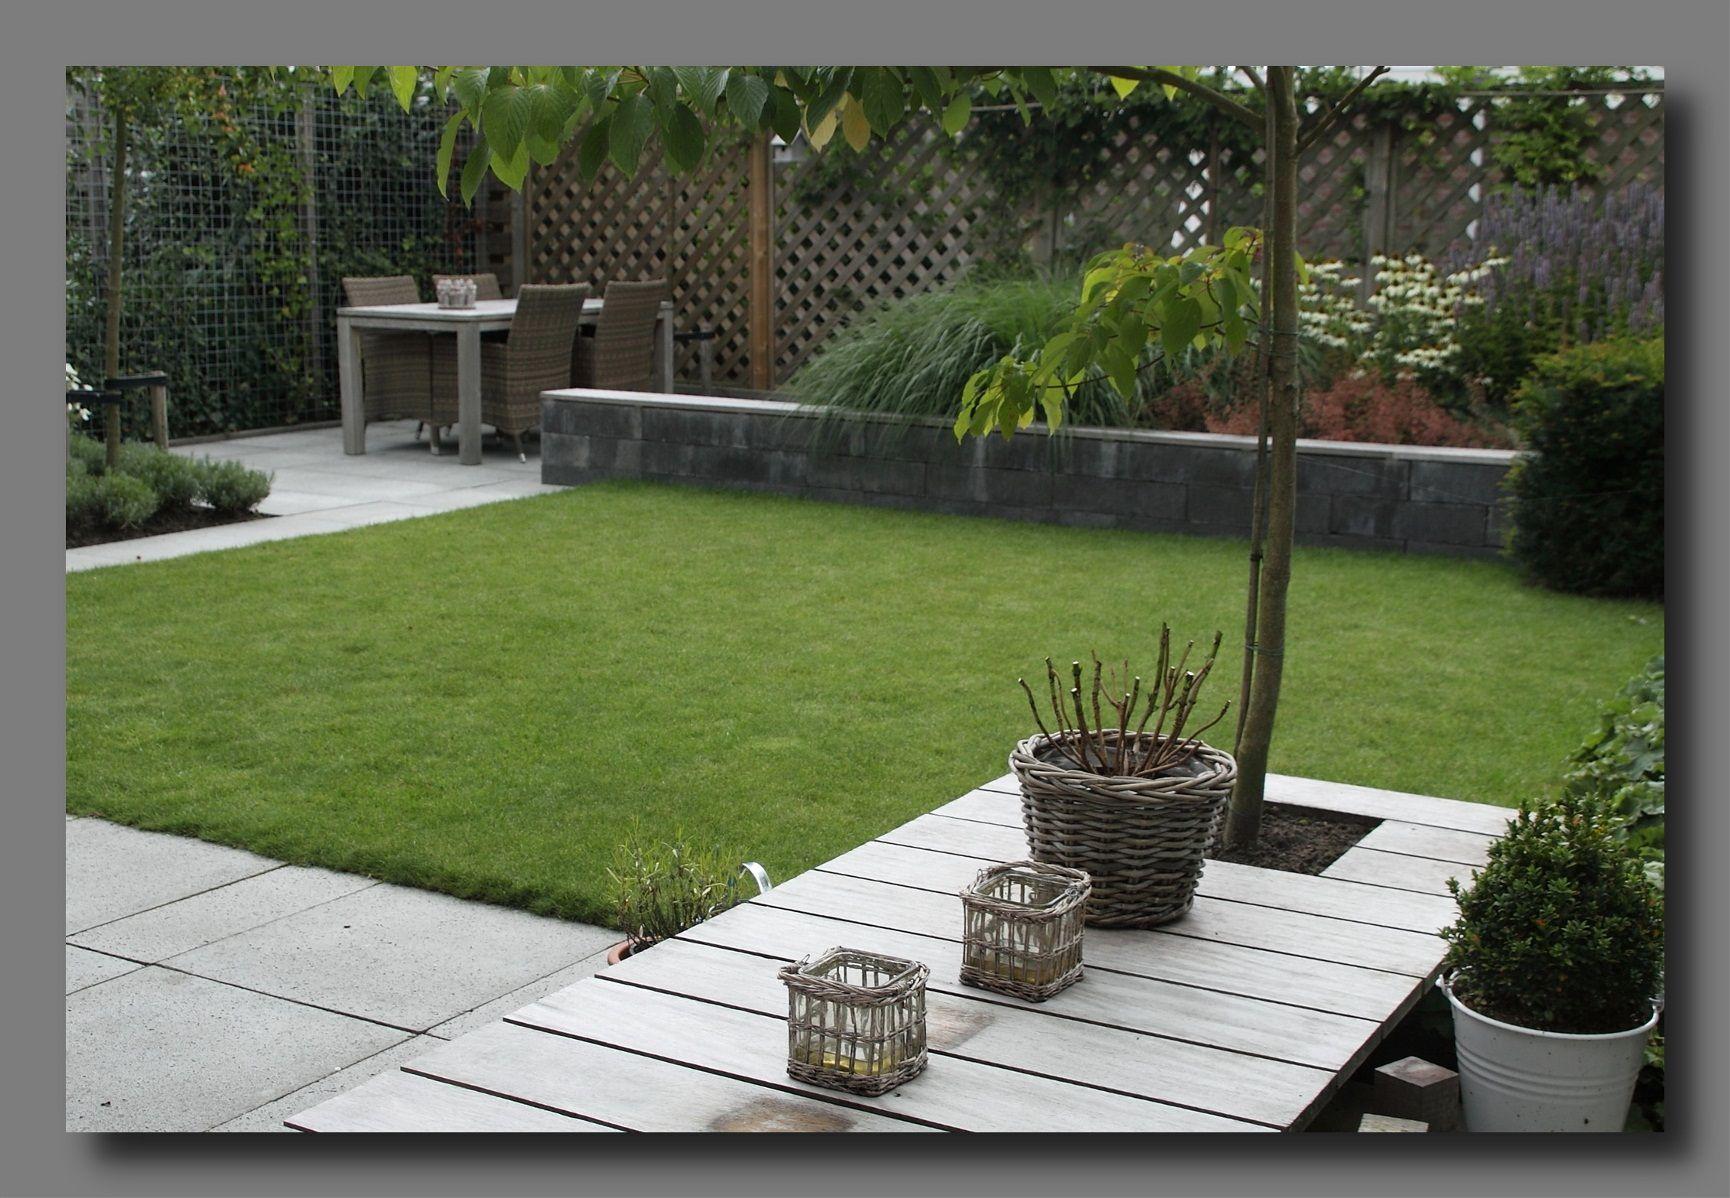 kleine tuin in haren tuinontwerp groningen dromen mag